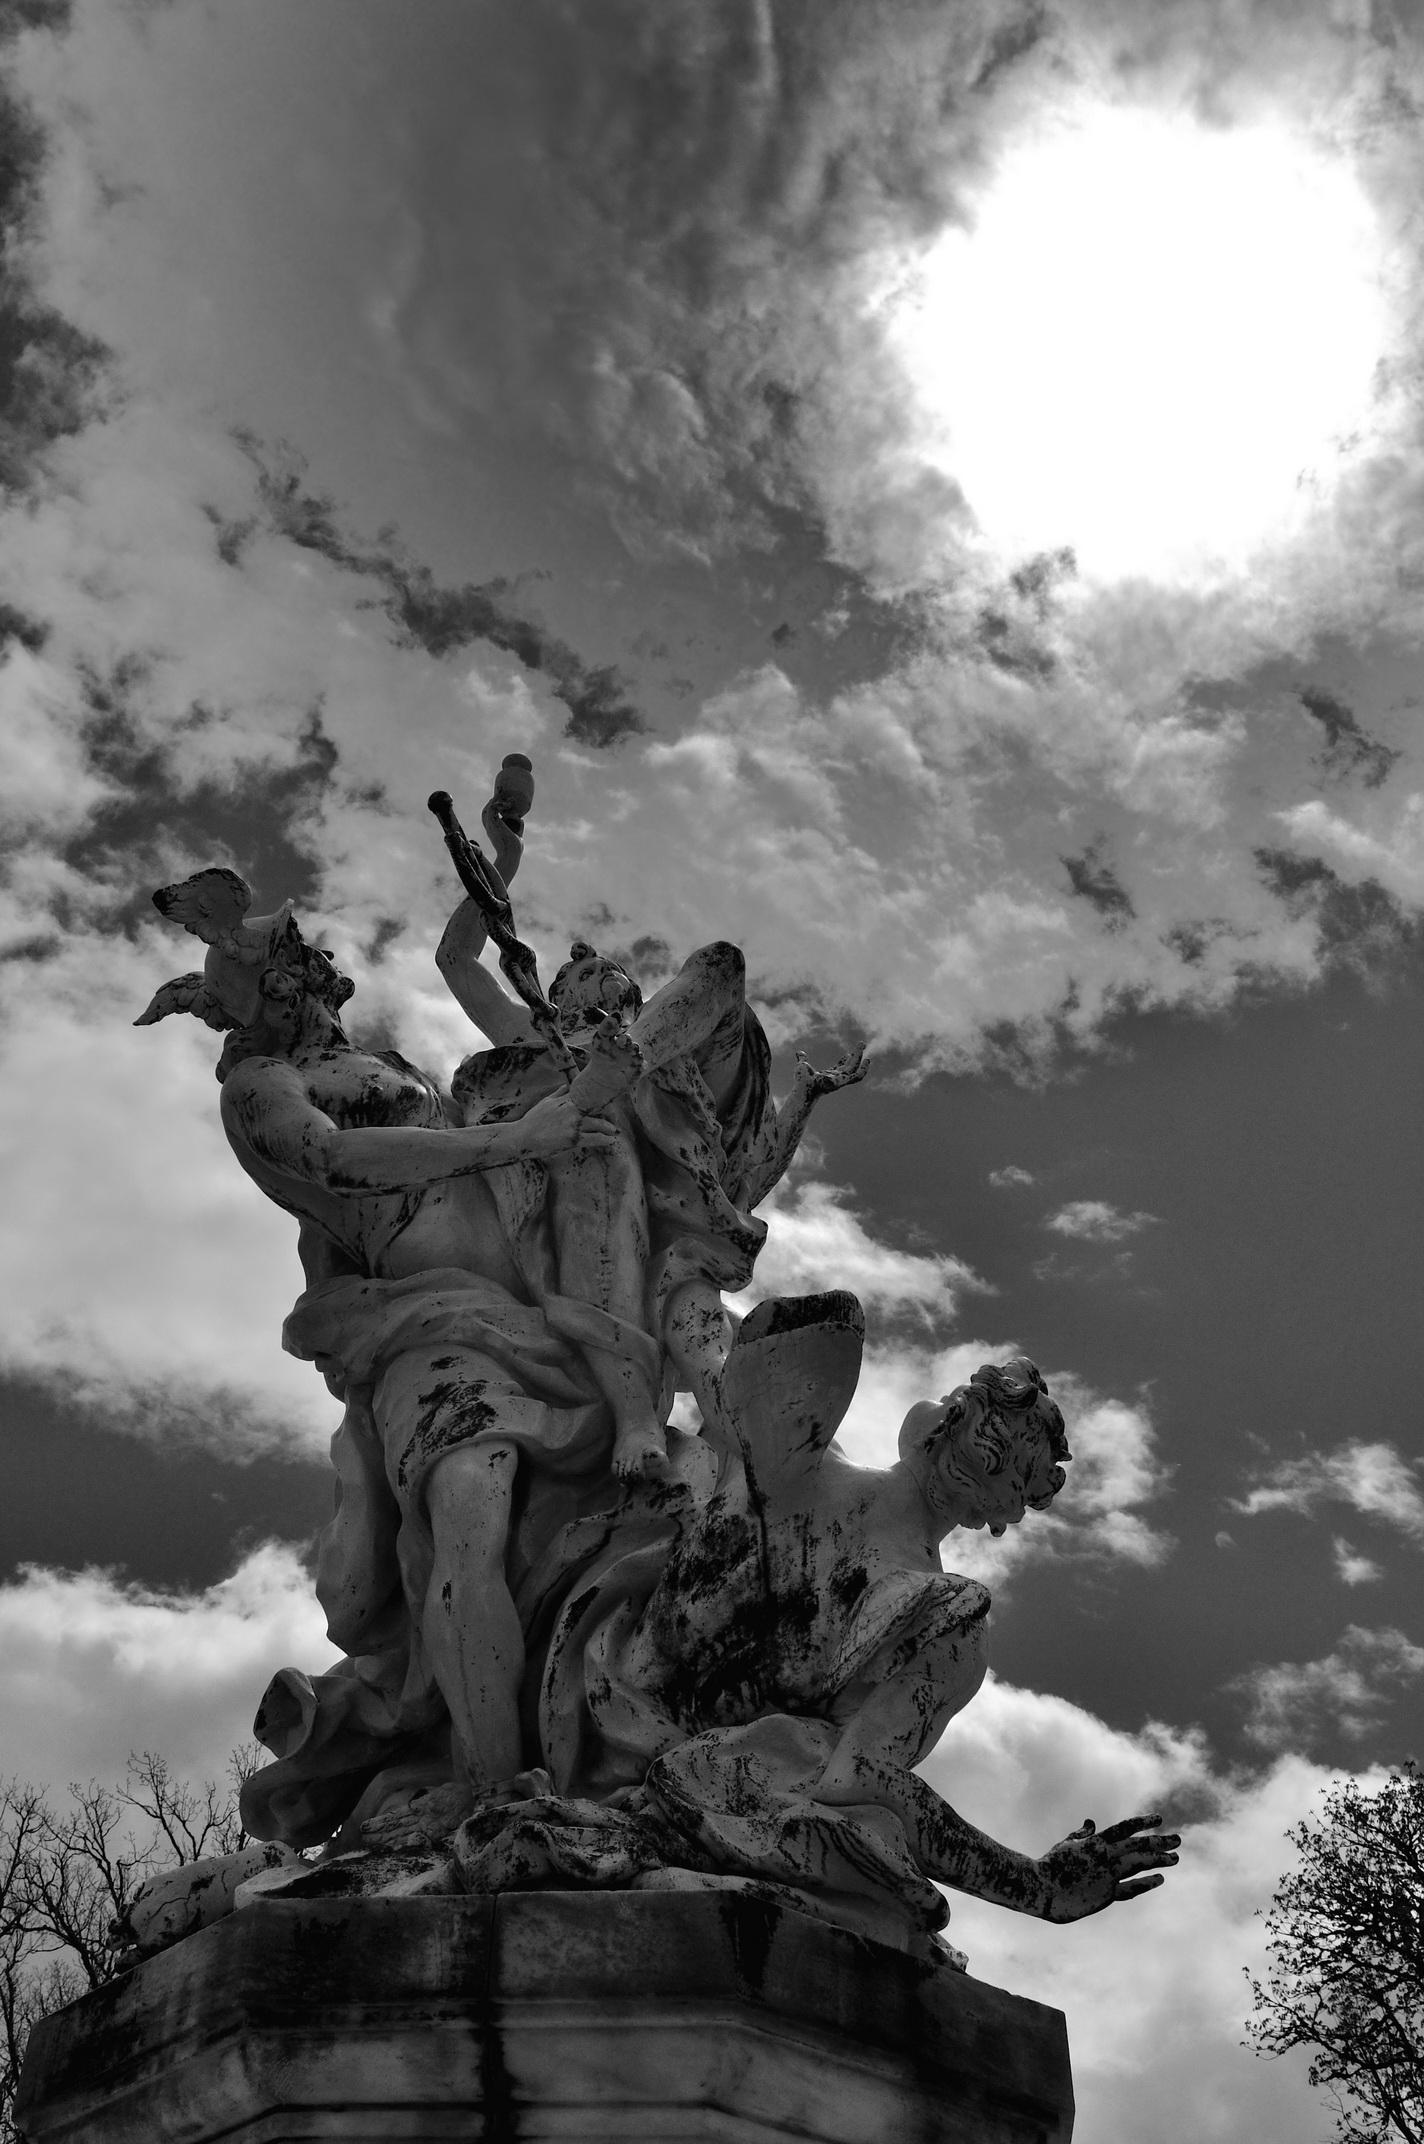 Granja de S. Ildefonso - Segovia (Spain)